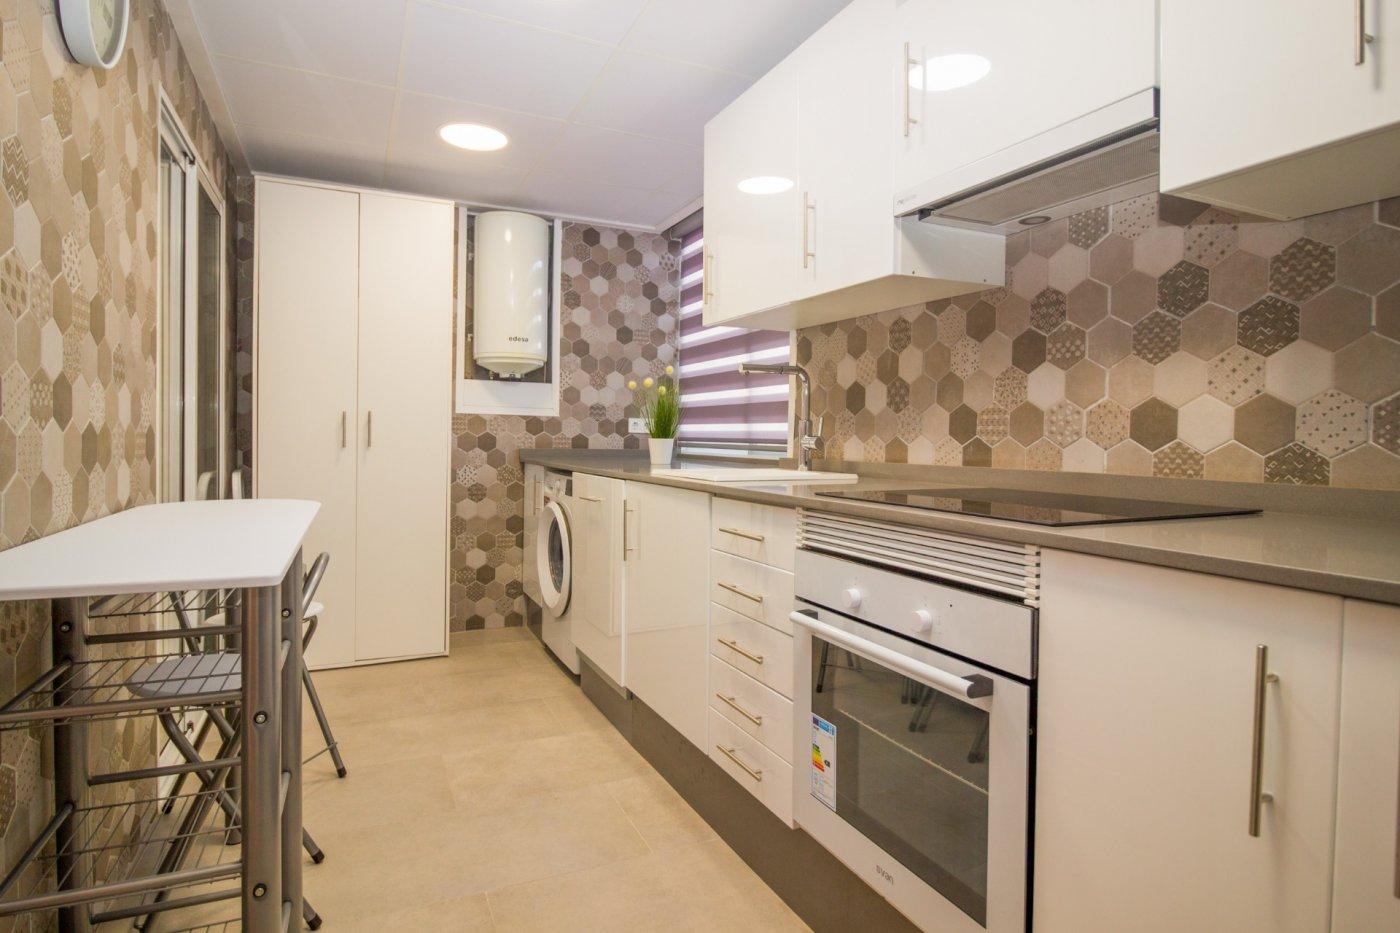 Precioso piso con decoración exclusiva en ronda mijares, castellón - imagenInmueble3